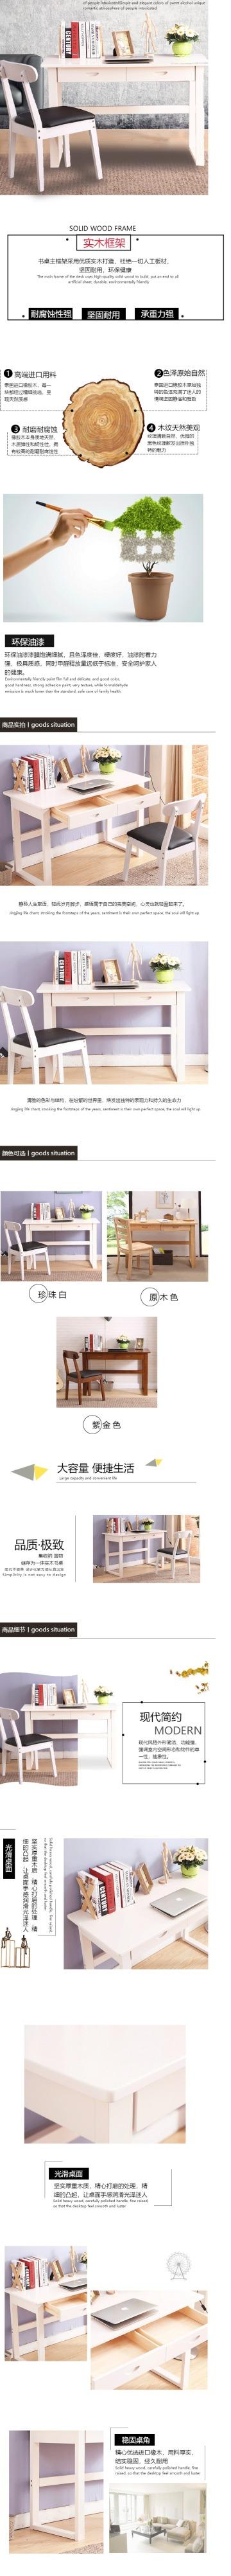 灰色时尚家居家装书桌电商详情页